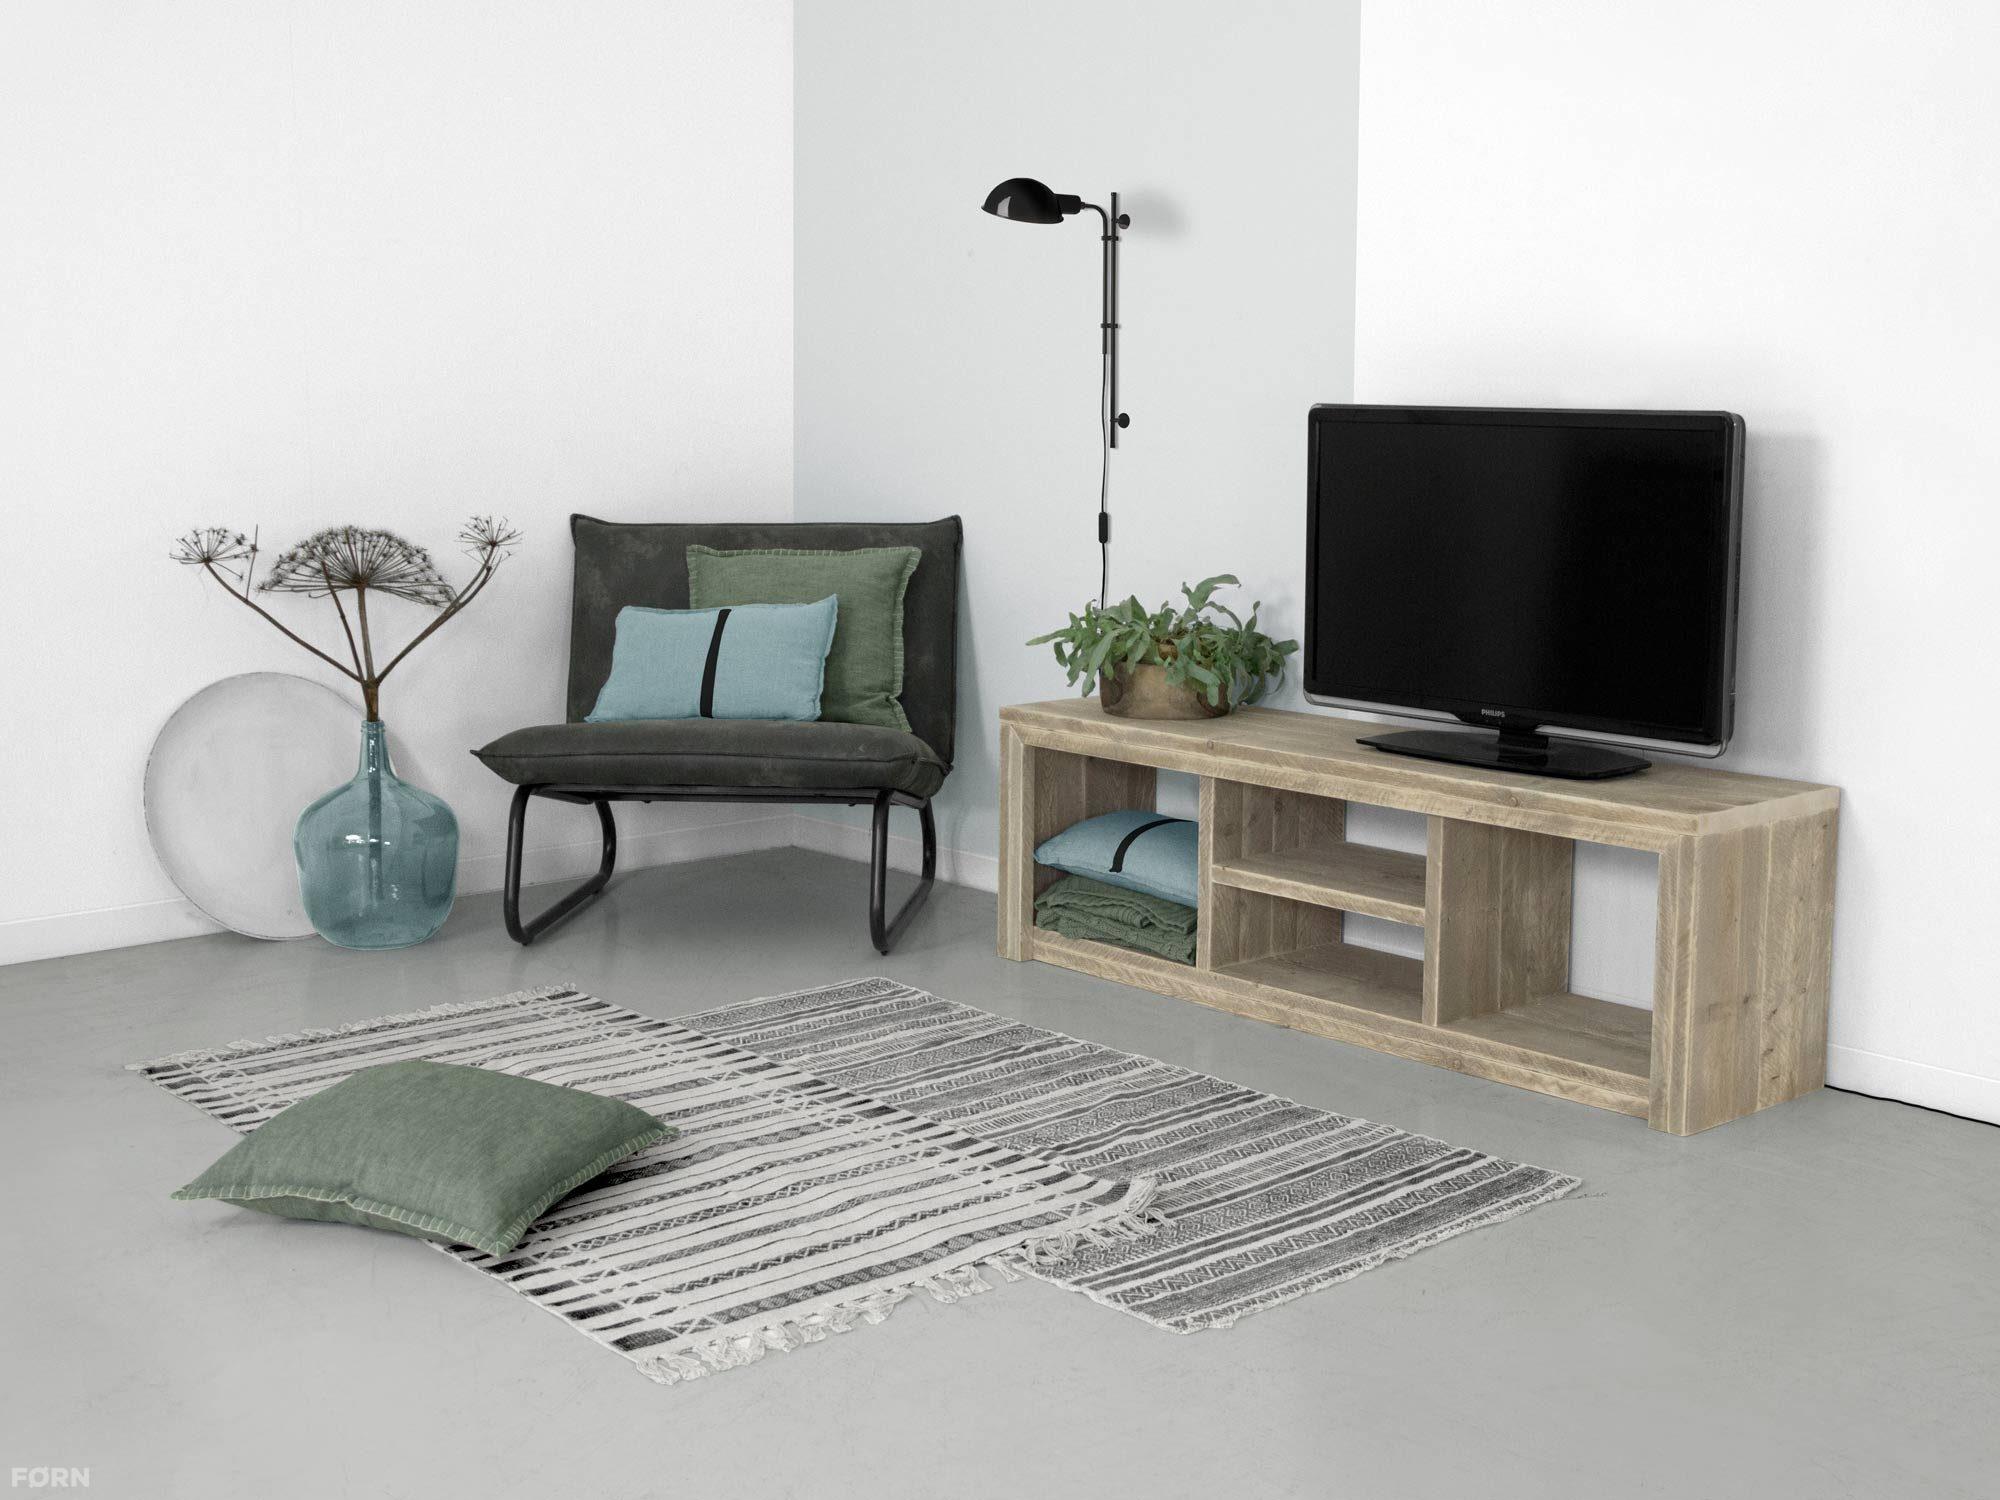 Steigerhout Tv Kast : Steigerhouten tv meubel laghetto tv kast van steigerhout